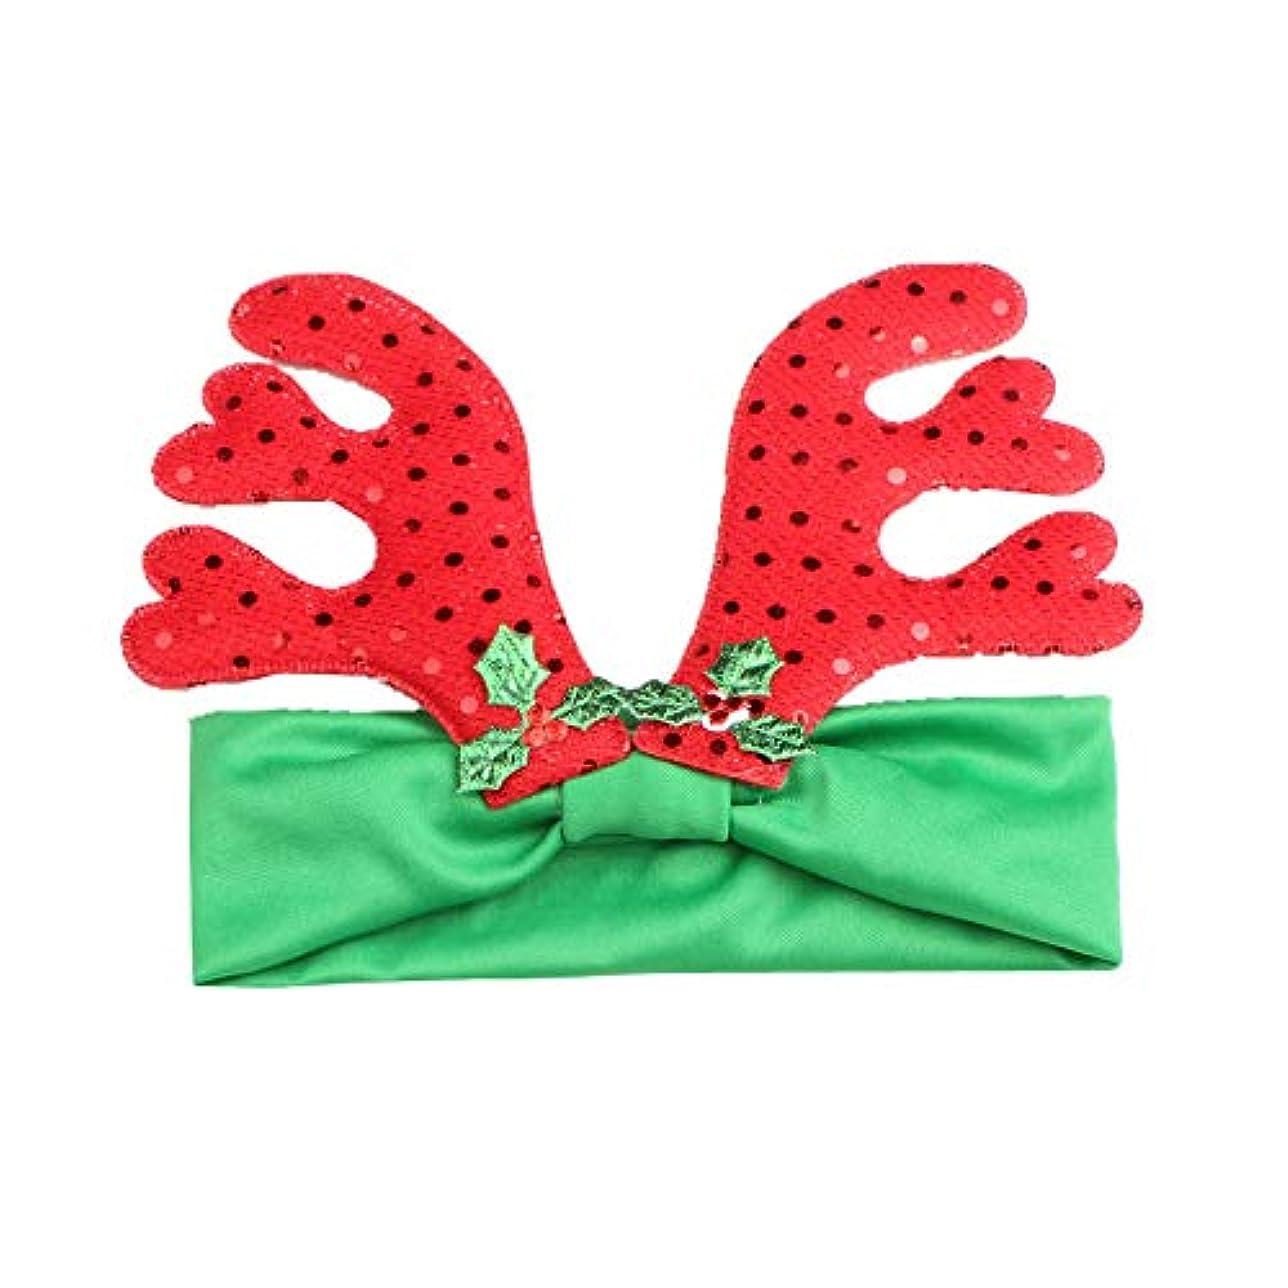 将来の不毛シガレットベビー ヘアバンド Zoiearl 人気 キッズ カチューシャ 女の子 髪飾りクリスマス 鹿 アントラー 子供 ヘアバンド 幼児 可愛い新生児 ヘアバンド ベビー 髪飾り グリーン 赤 ヘアアクセサリー 0~4歳 コスチューム クリスマス お祝い プレゼント